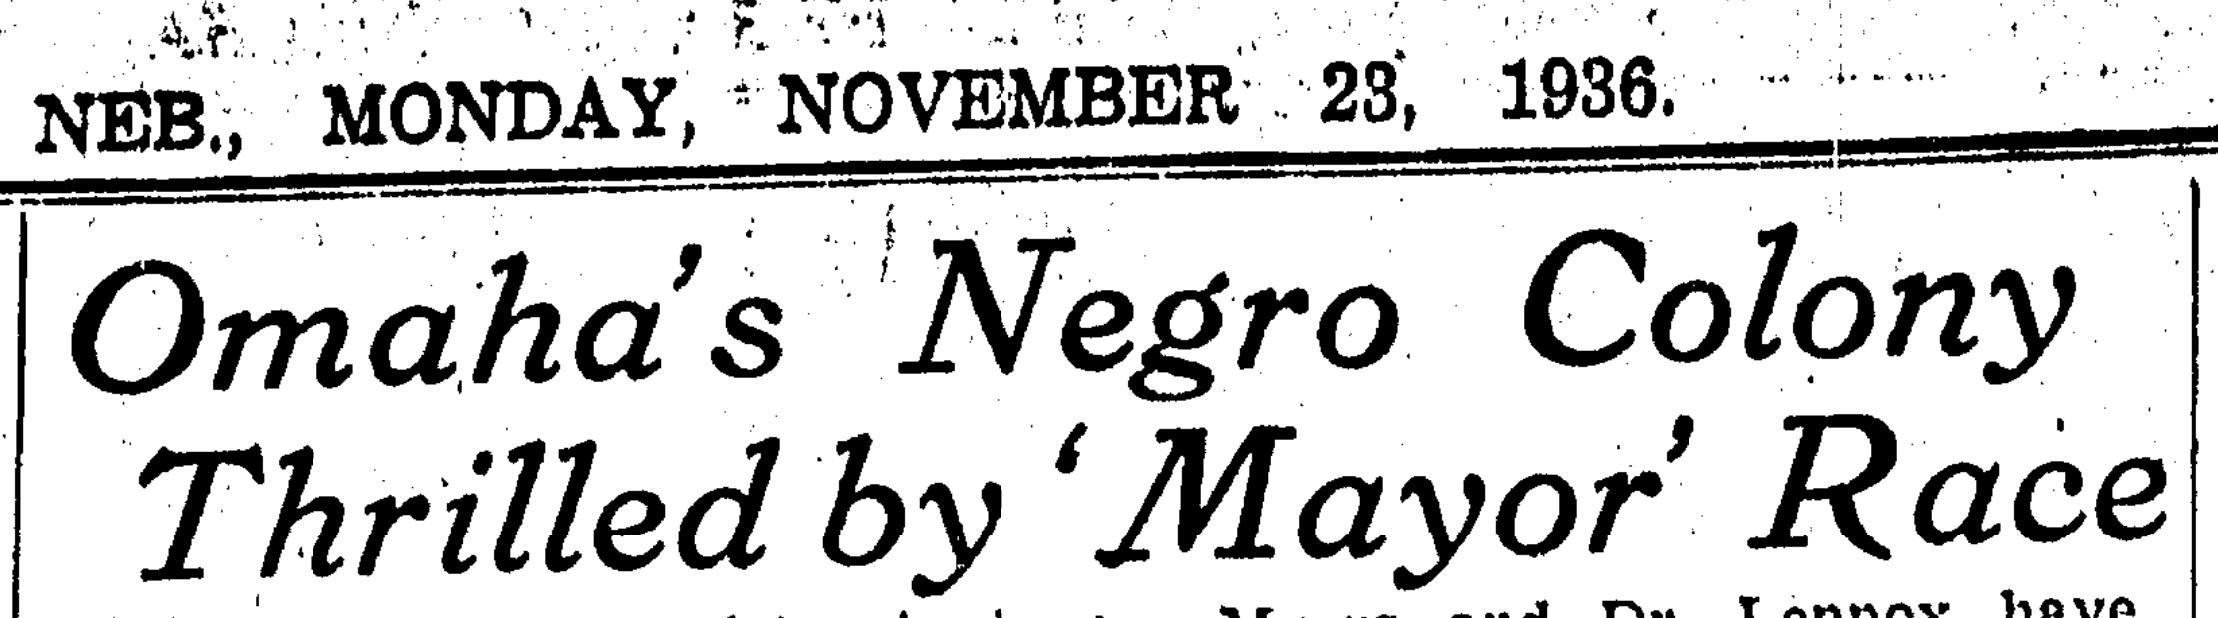 """""""Omaha's Negro Colony Thrilled by 'Mayor' Race,"""" Omaha World-Herald, 11/23/36"""